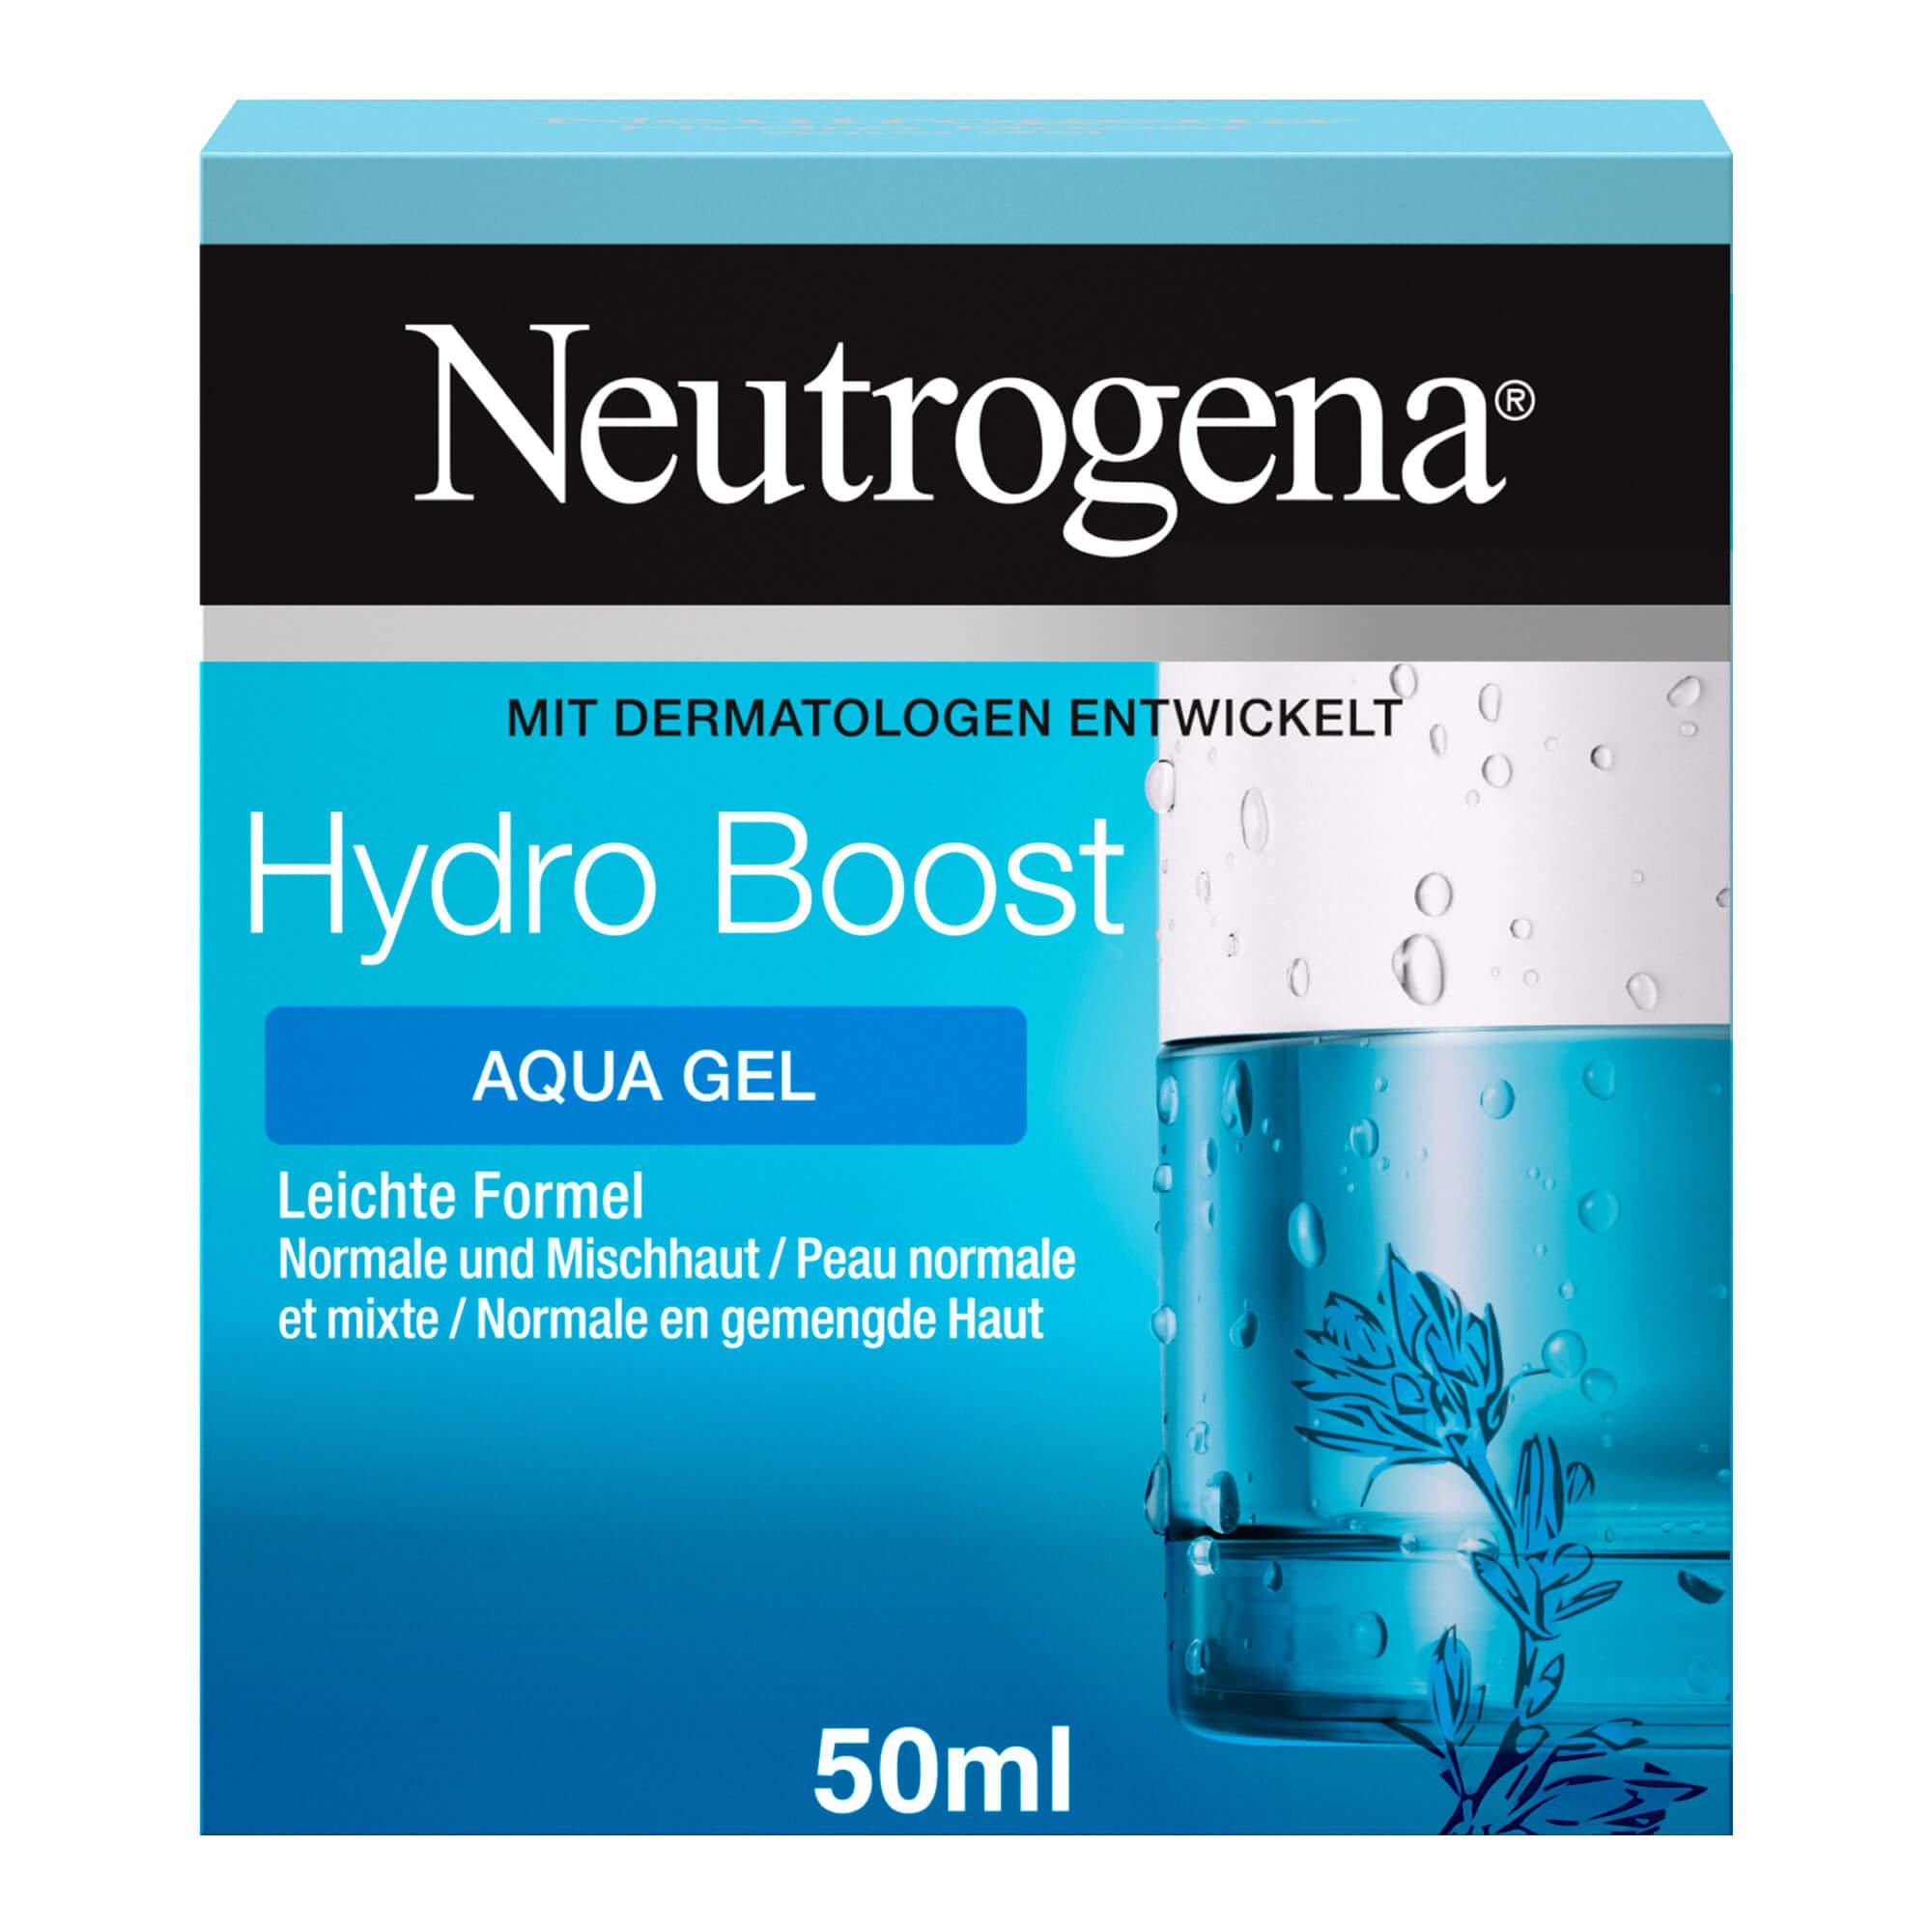 Neutrogena Hydro Boost Aqua Gel Creme Gesicht